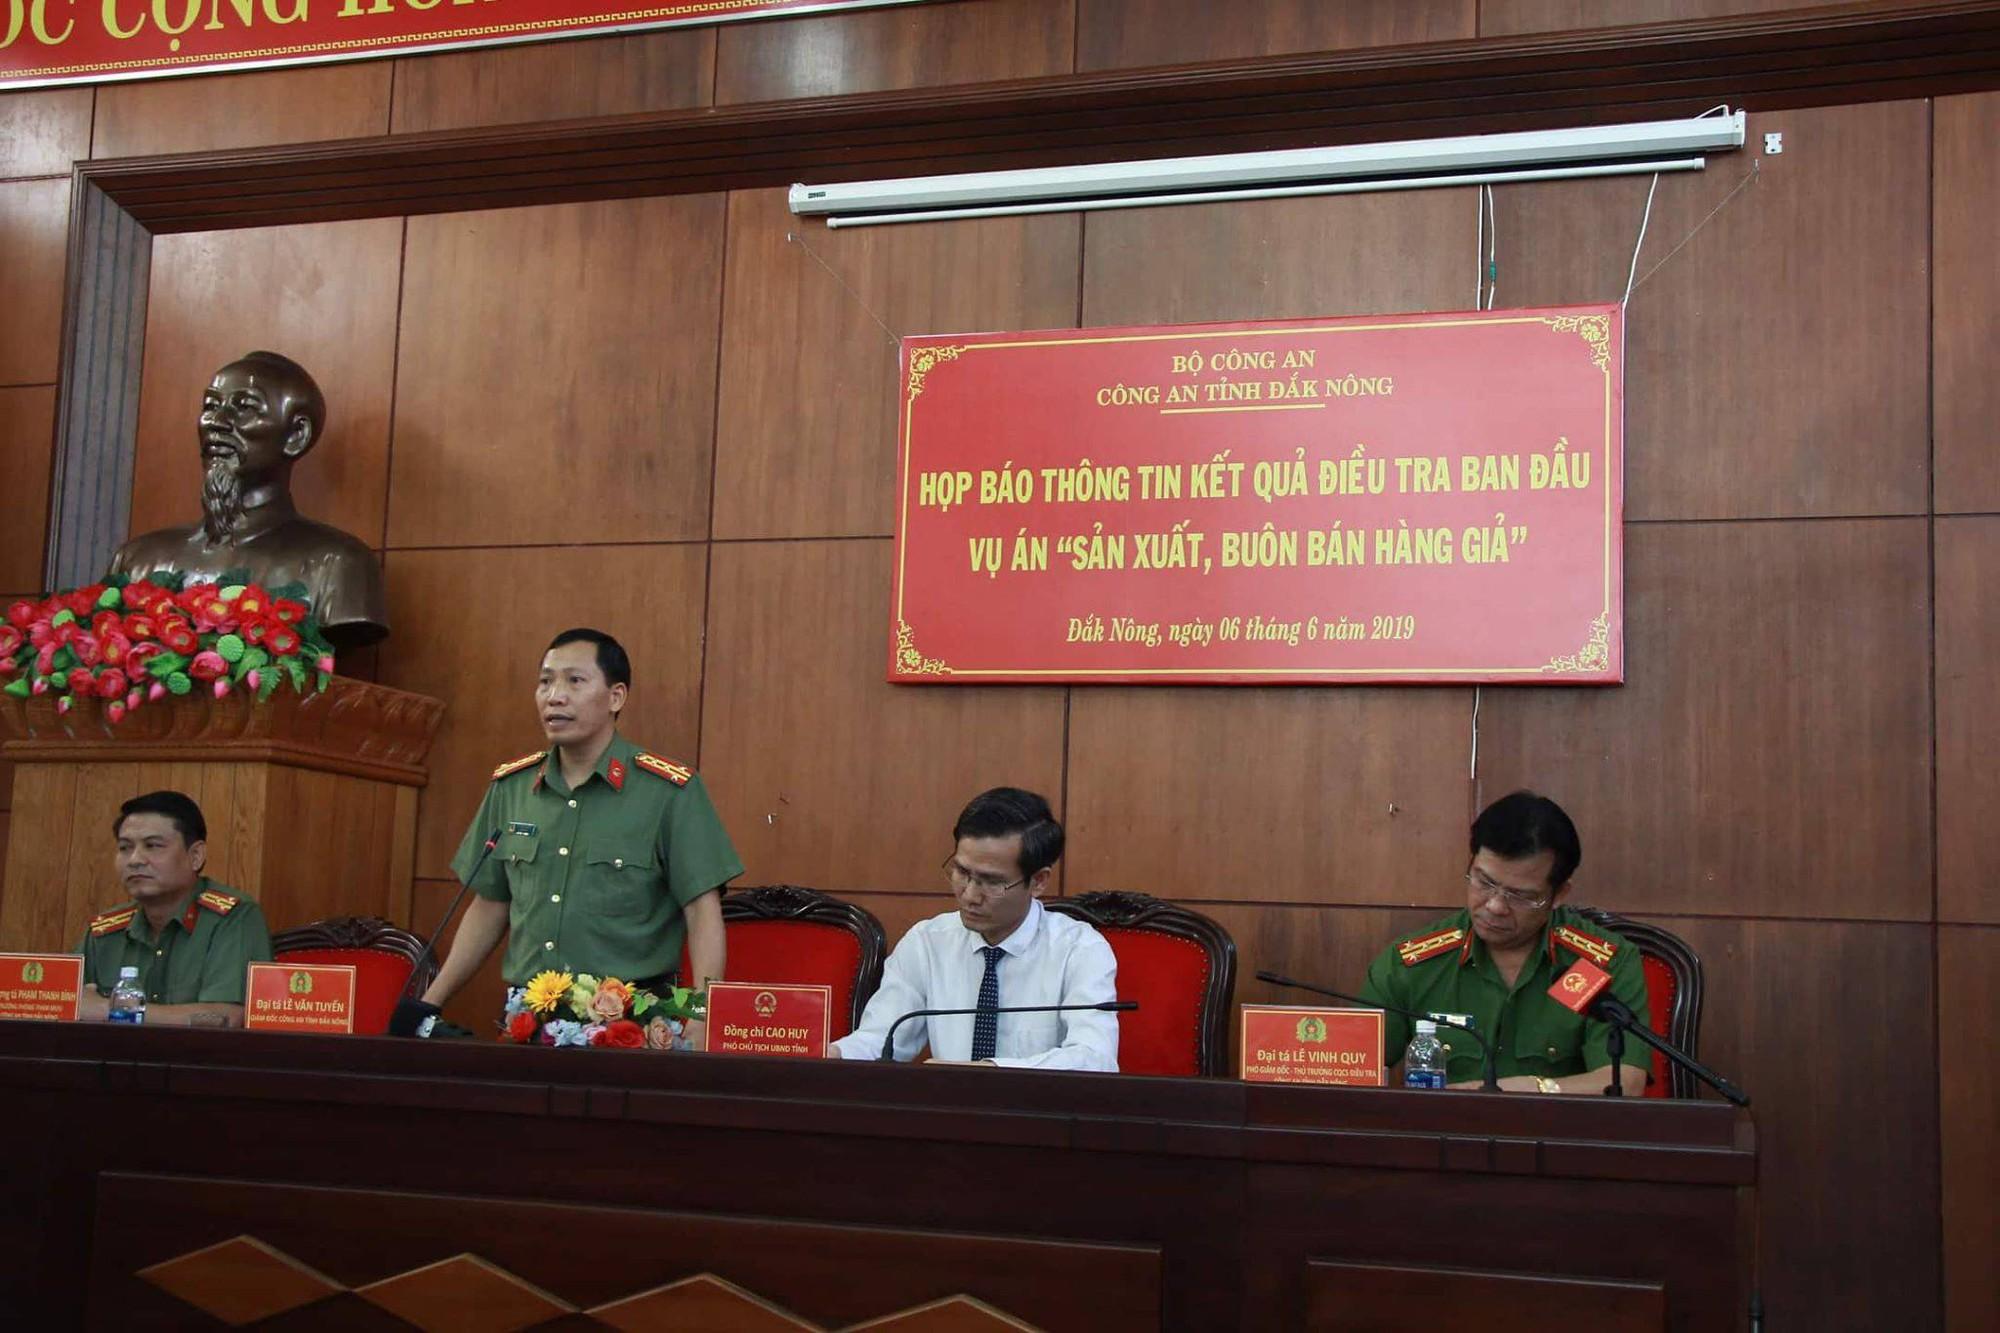 Đường dây xăng giả đại gia Trịnh Sướng: Chi 3.000 tỉ đồng mua hóa chất, tung ra thị trường 6 triệu lít xăng giả mỗi tháng - Ảnh 1.